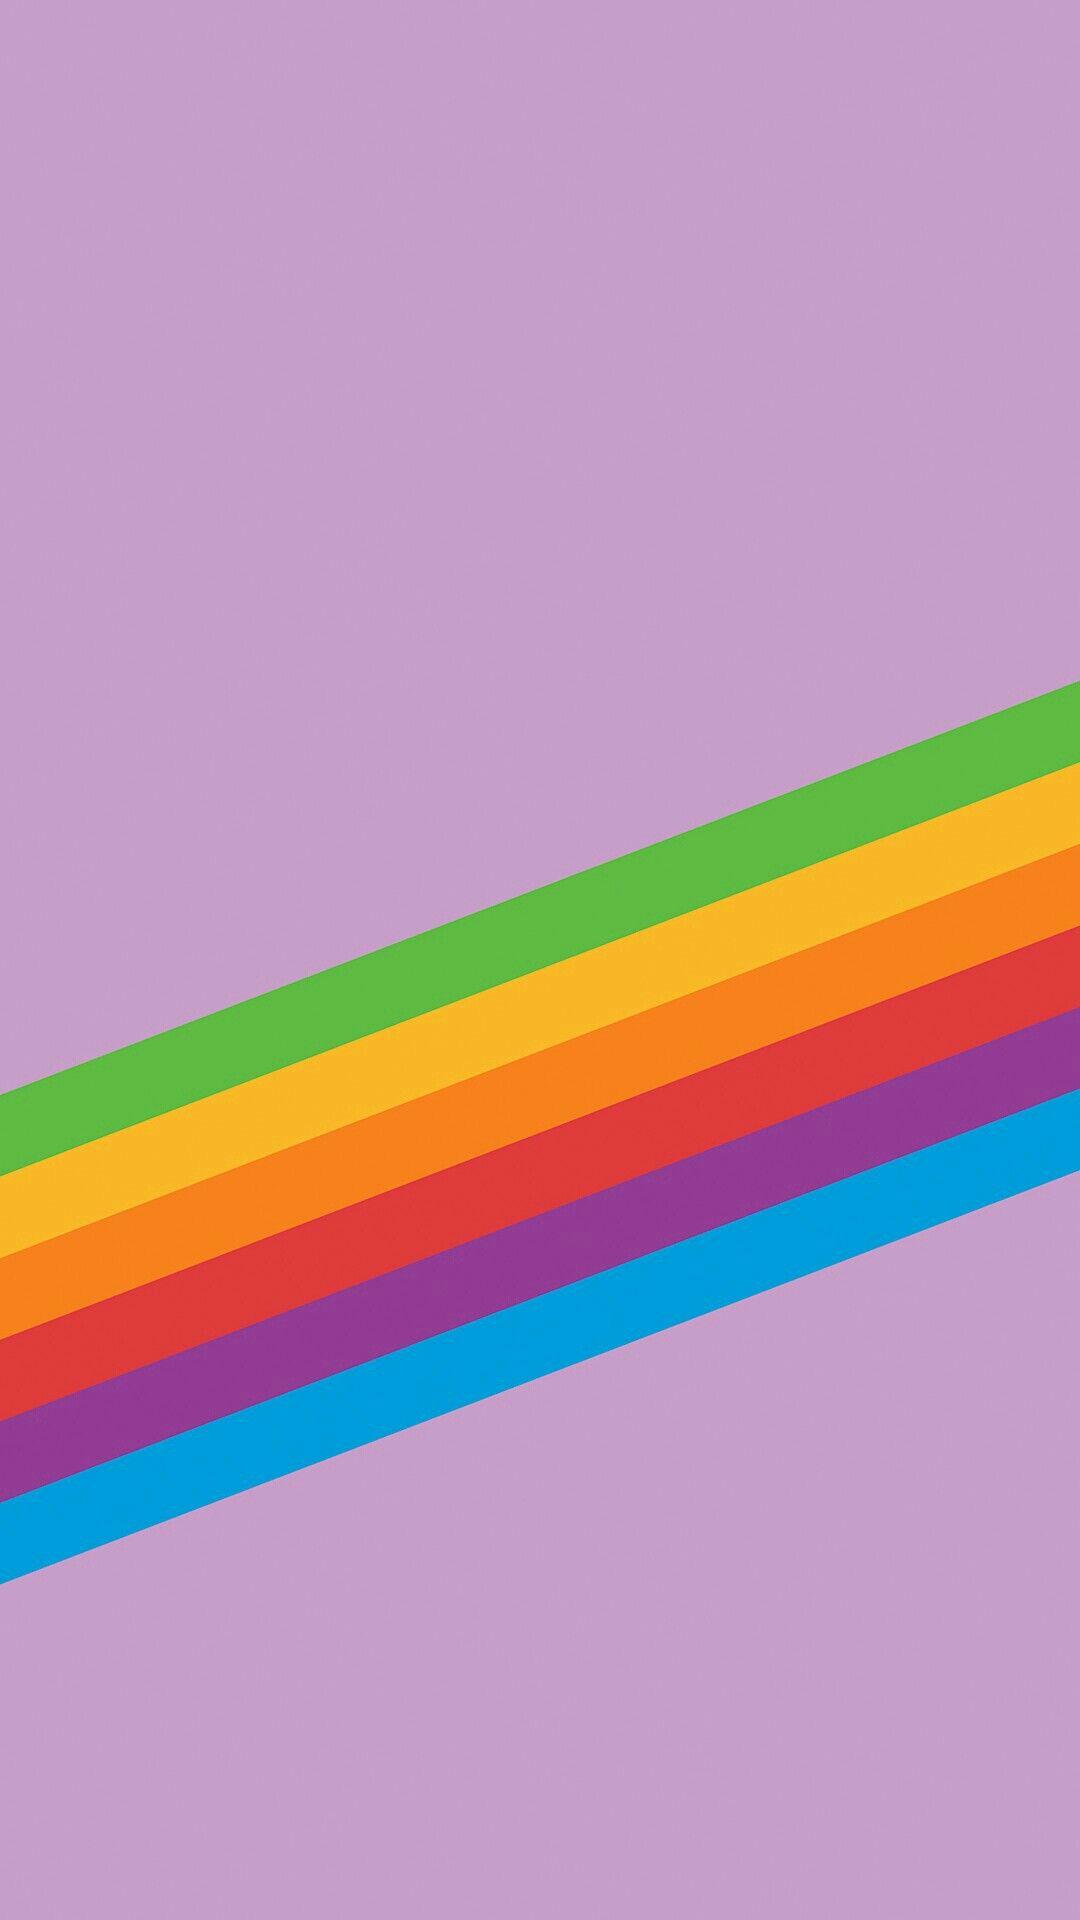 Iphone rainbow wallpaper di 2020 | Pelangi